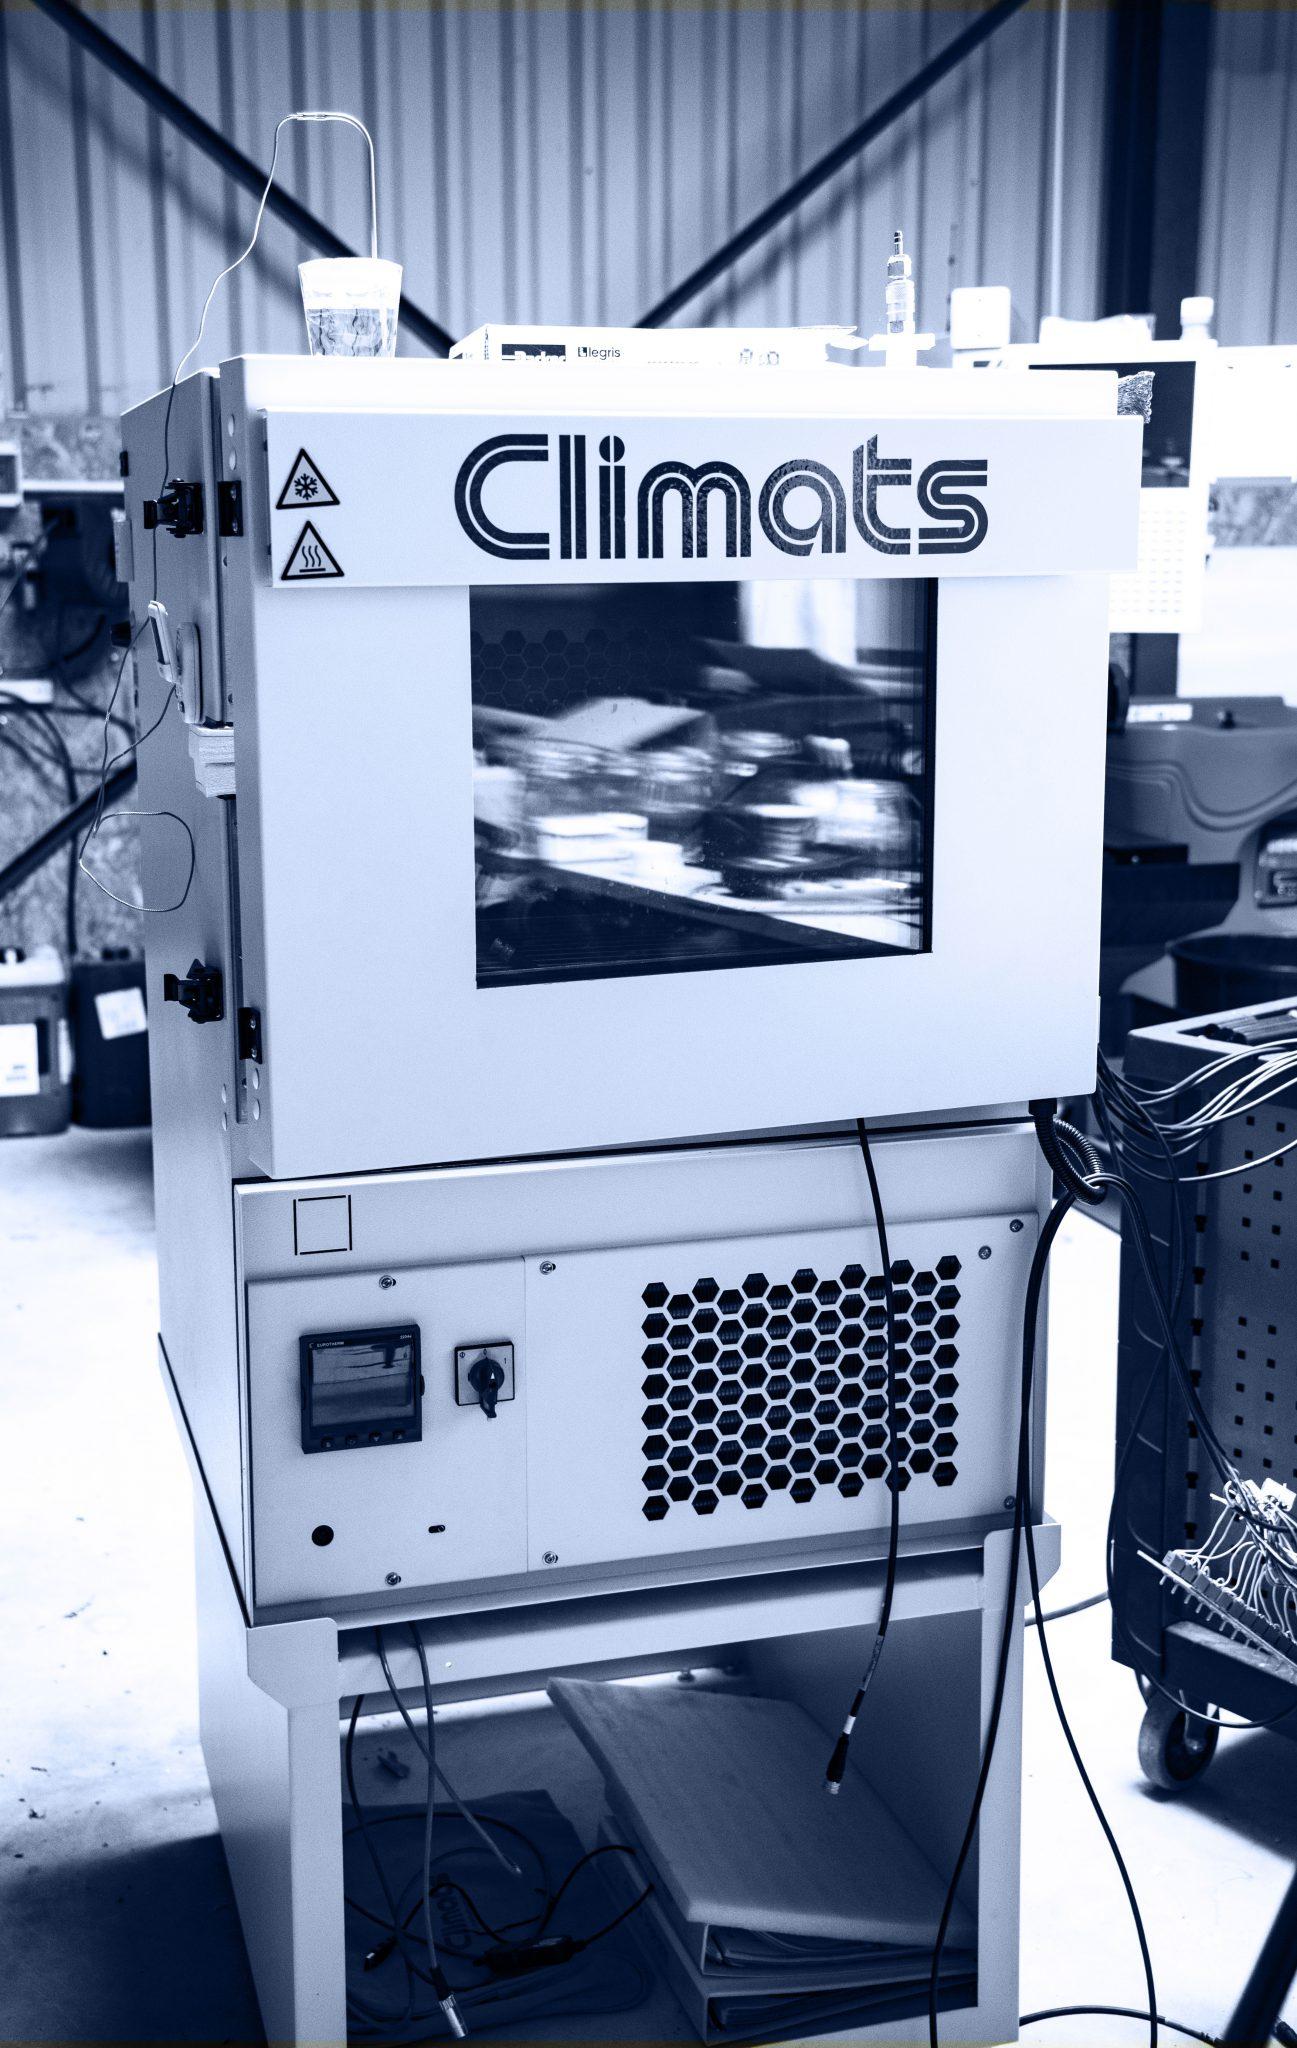 enceinte climatique